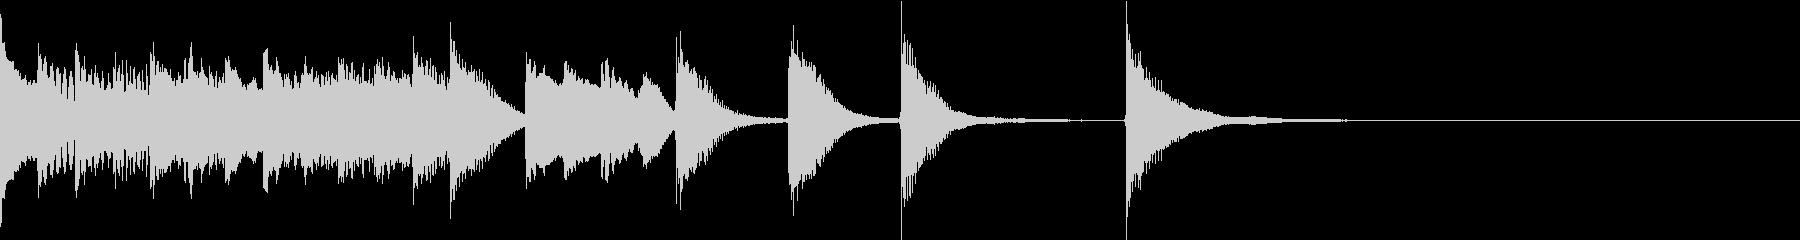 明るく かわいいピアノサウンドロゴ01の未再生の波形